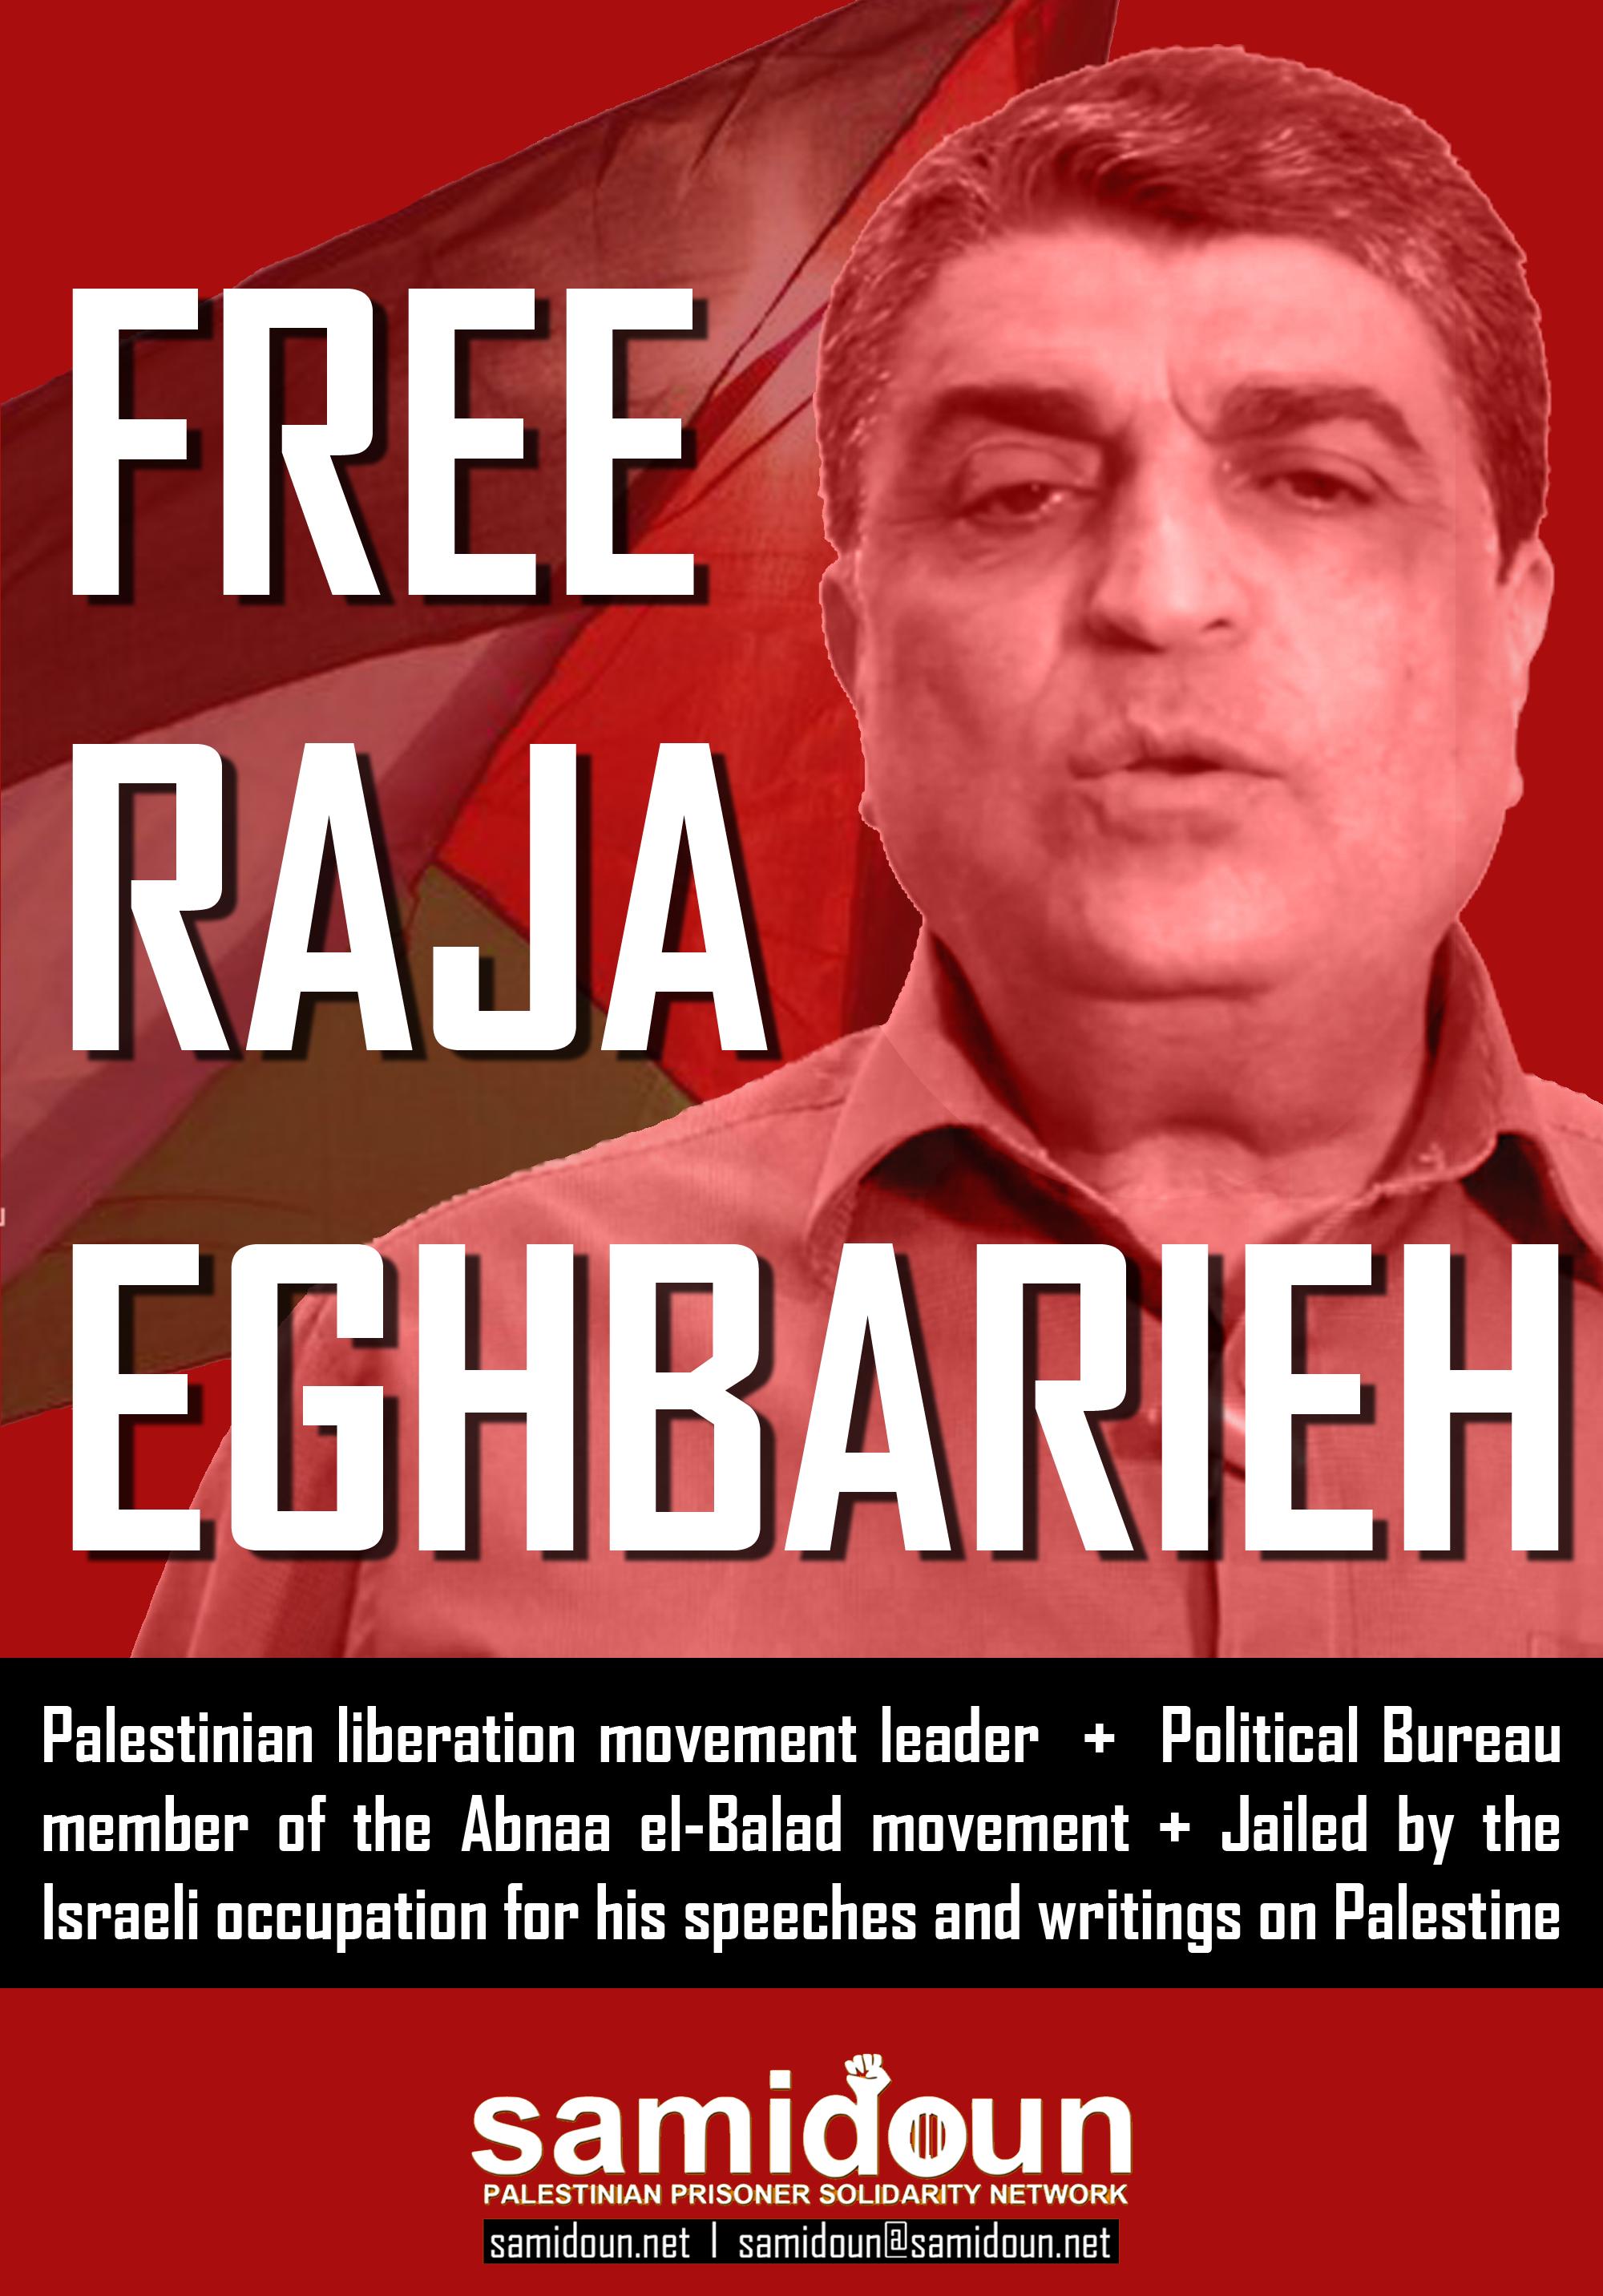 Free Raja Eghbarieh Abnaa El Balad Movement Leader Targeted For